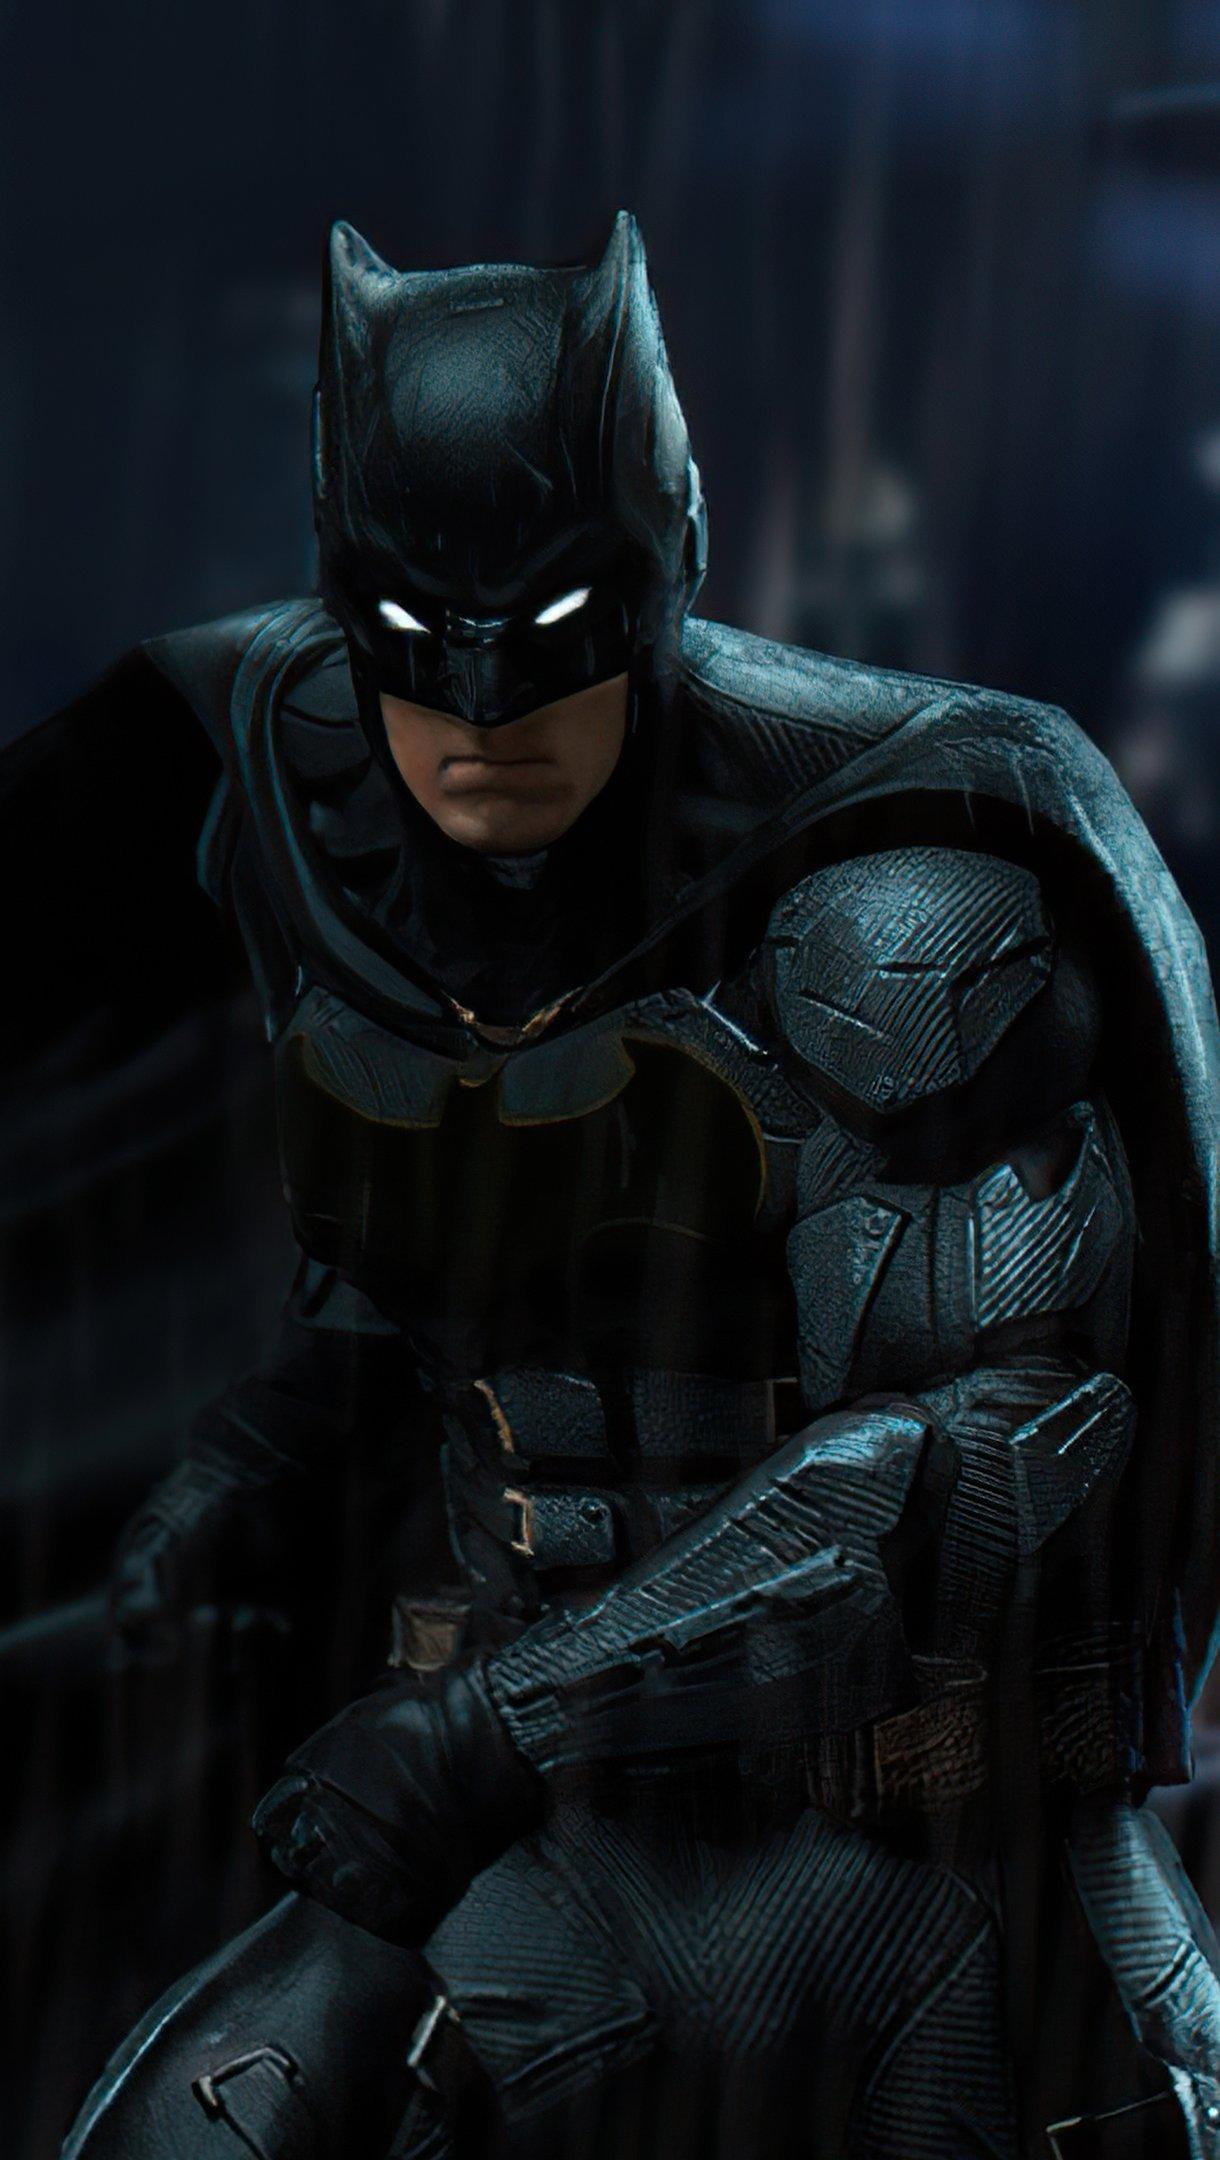 Wallpaper Ben Affleck as Batman Fanart Vertical